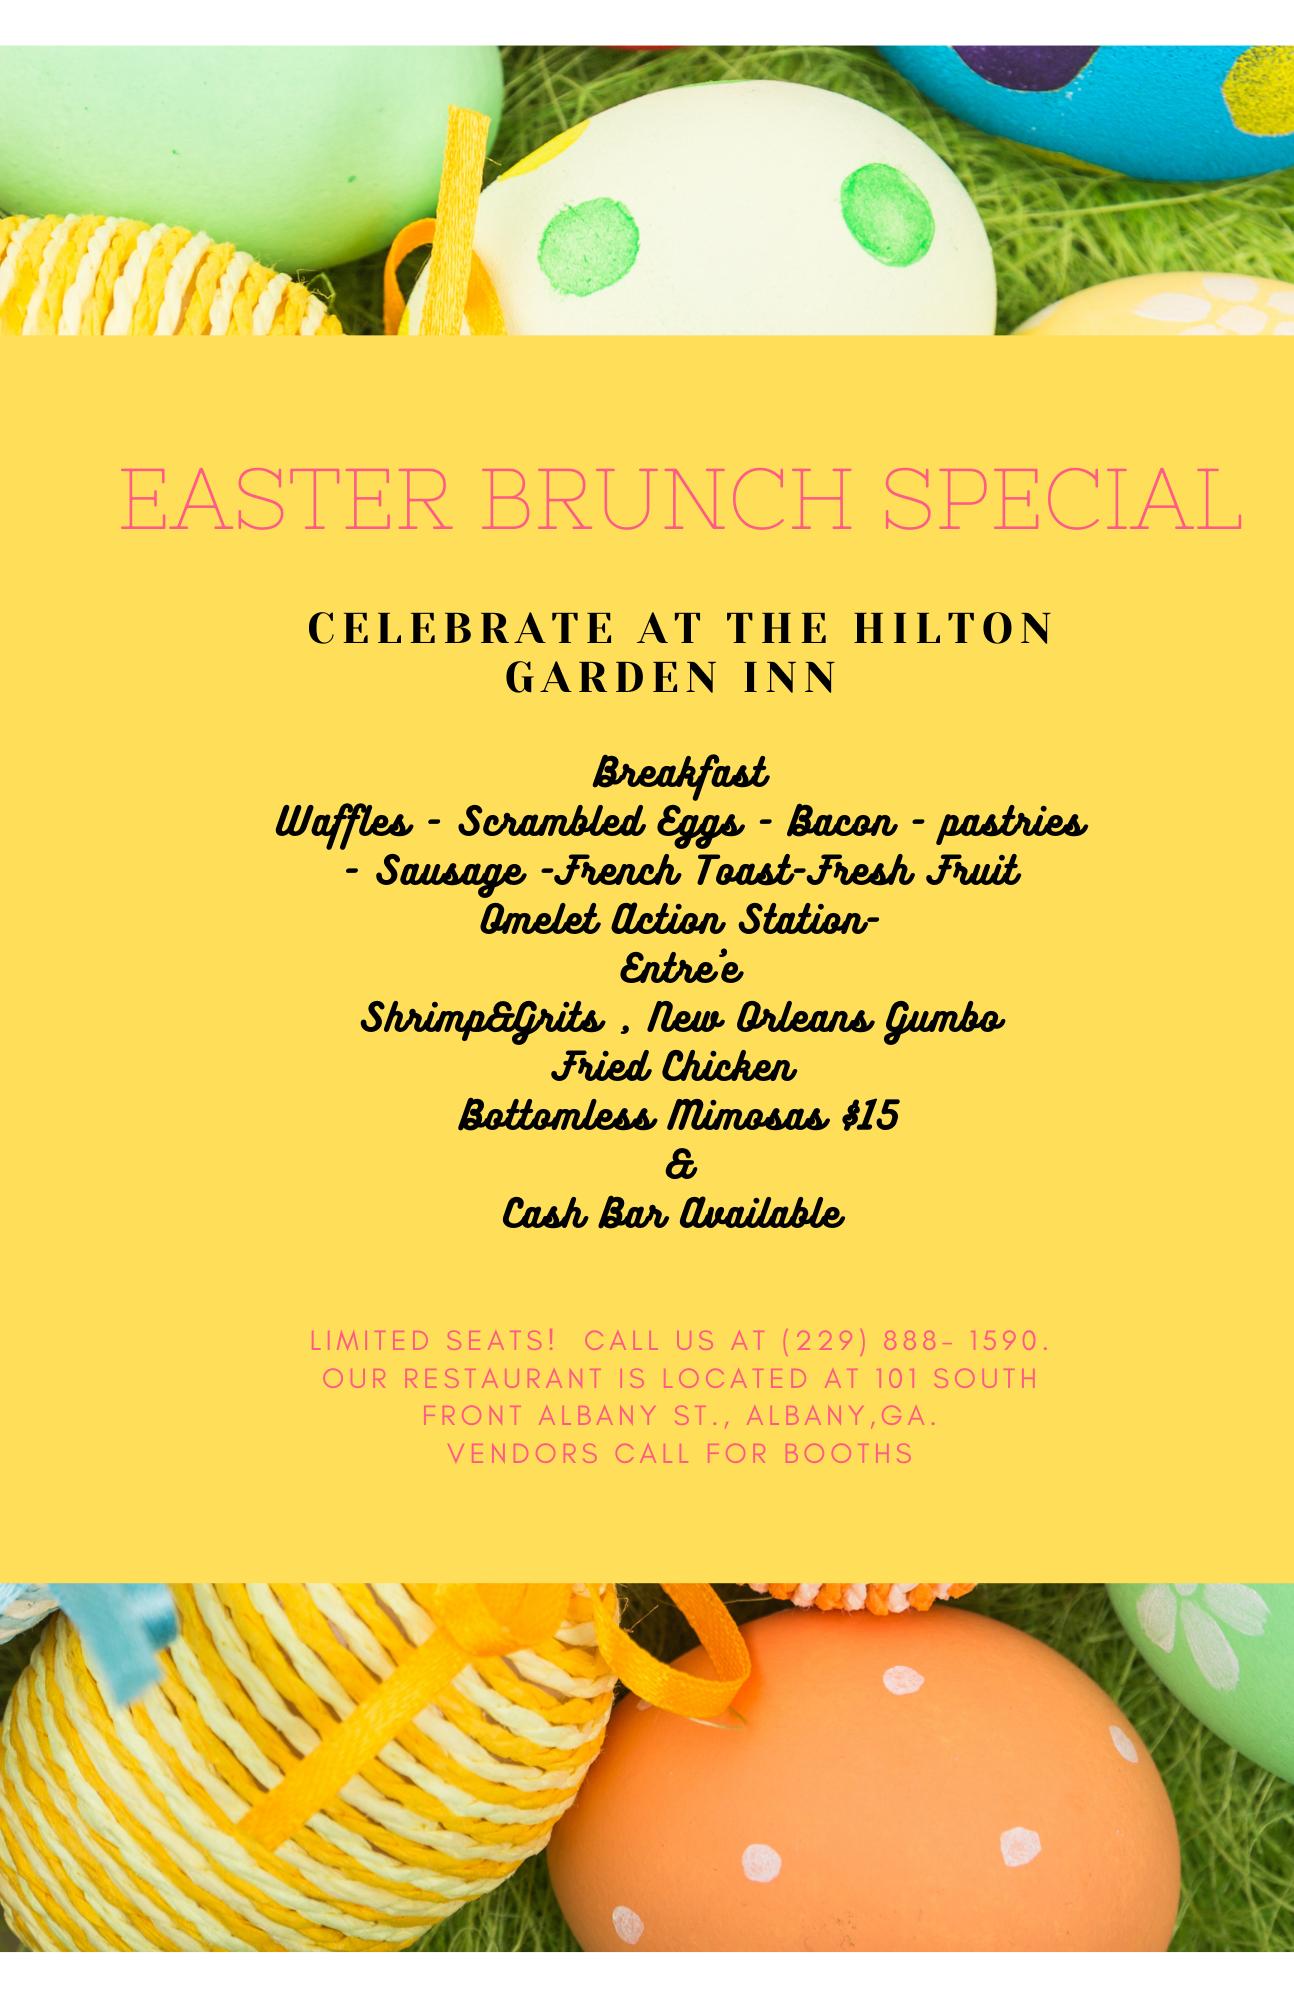 Easter Brunch @ The Hilton Garden Inn